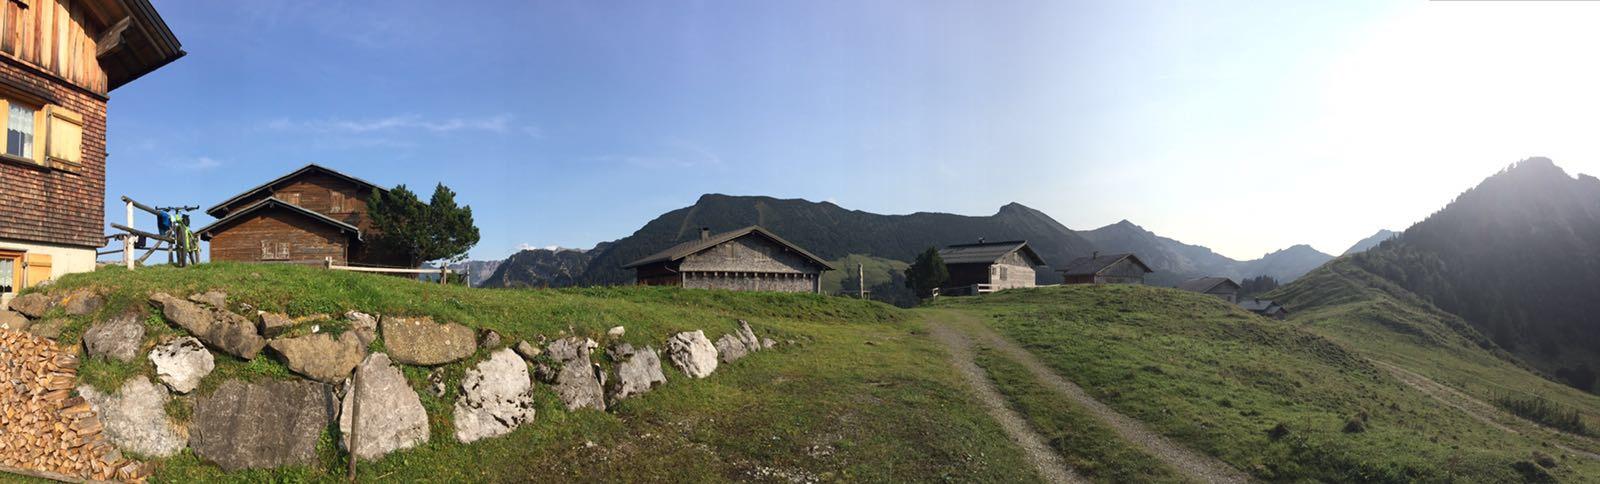 Ausklang Gamp - Panorama